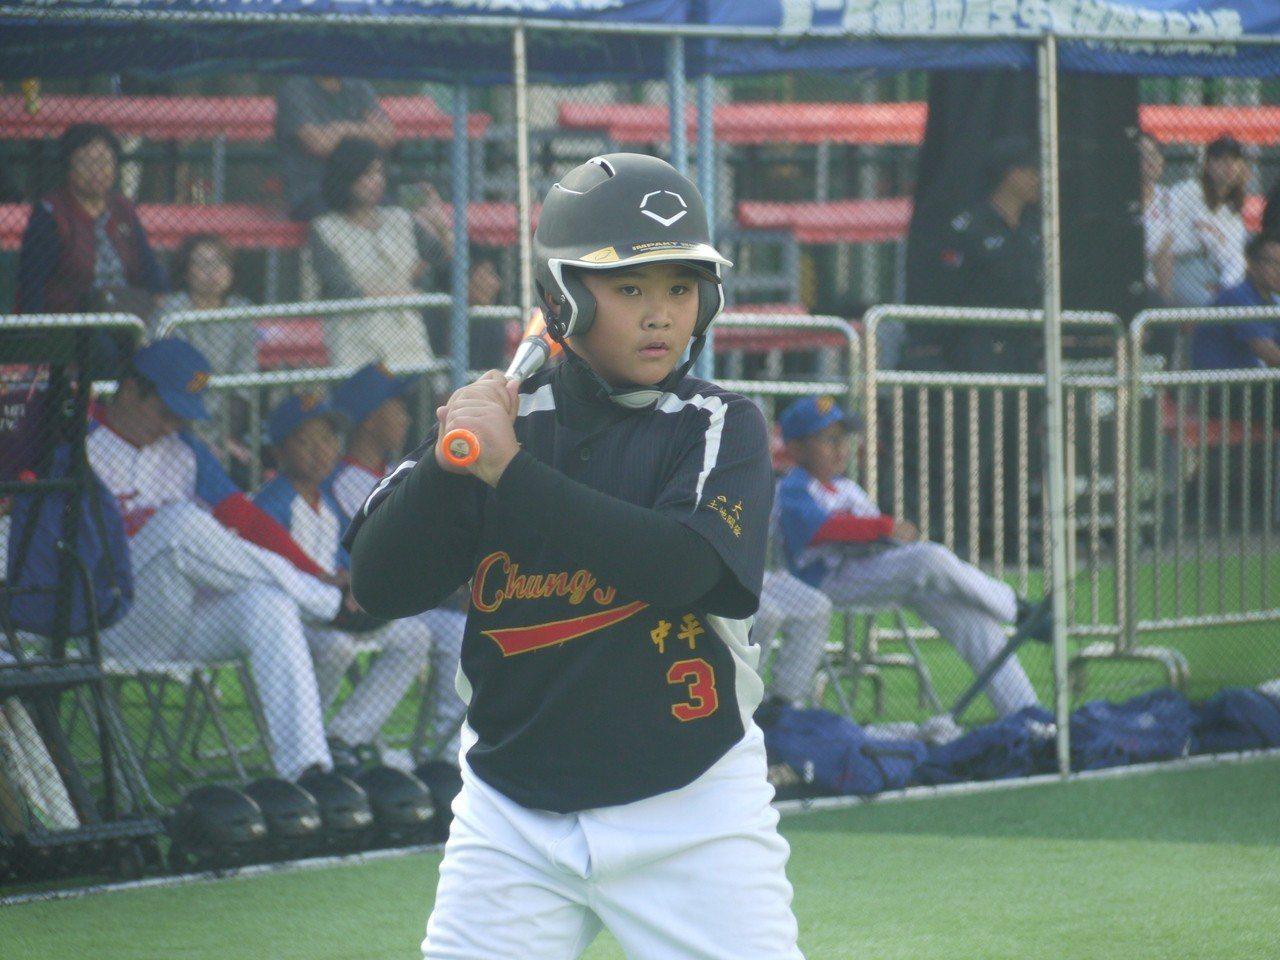 李聖哲是青棒王牌投手李晨薰之弟。記者吳敏欣/攝影